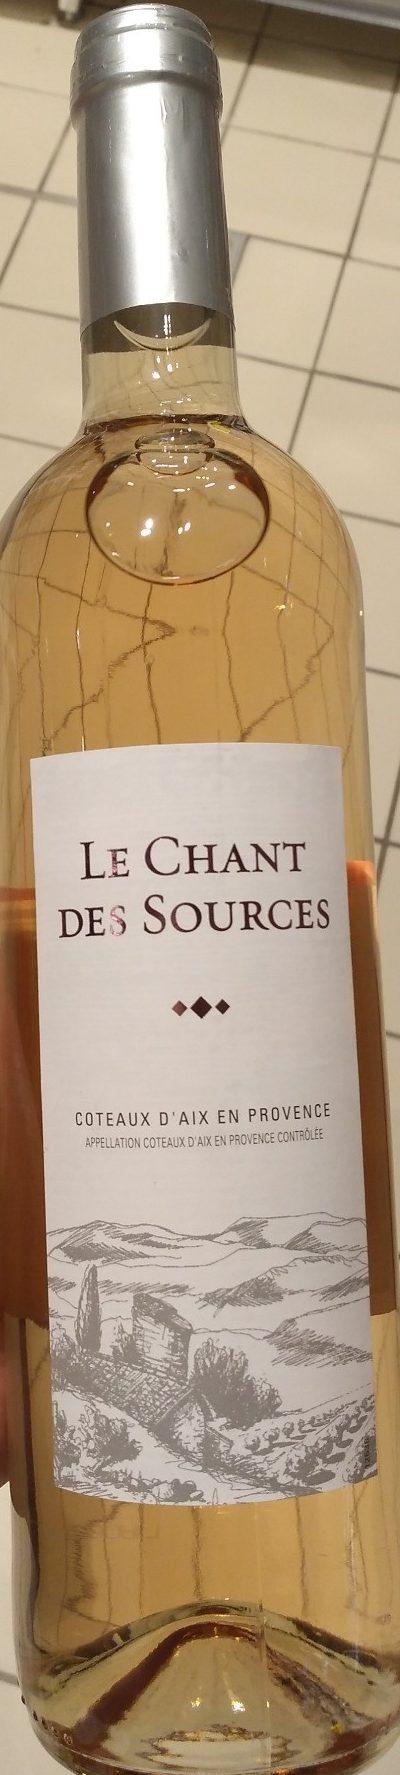 Le Chant des Sources - Product - fr